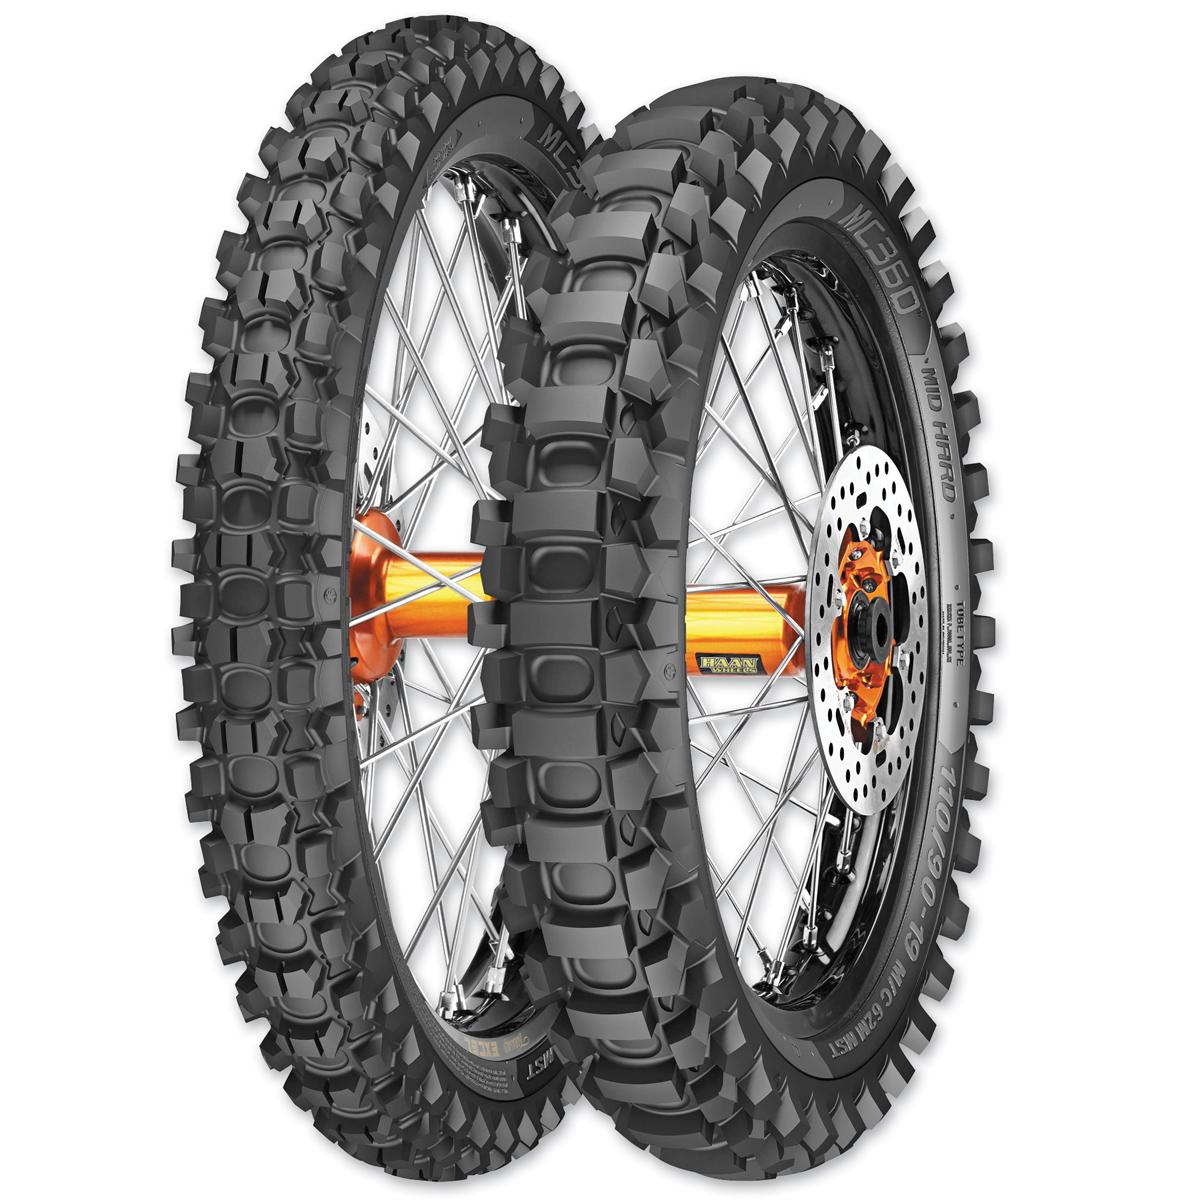 Metzeler MC 360 80/100-21 Front Tire